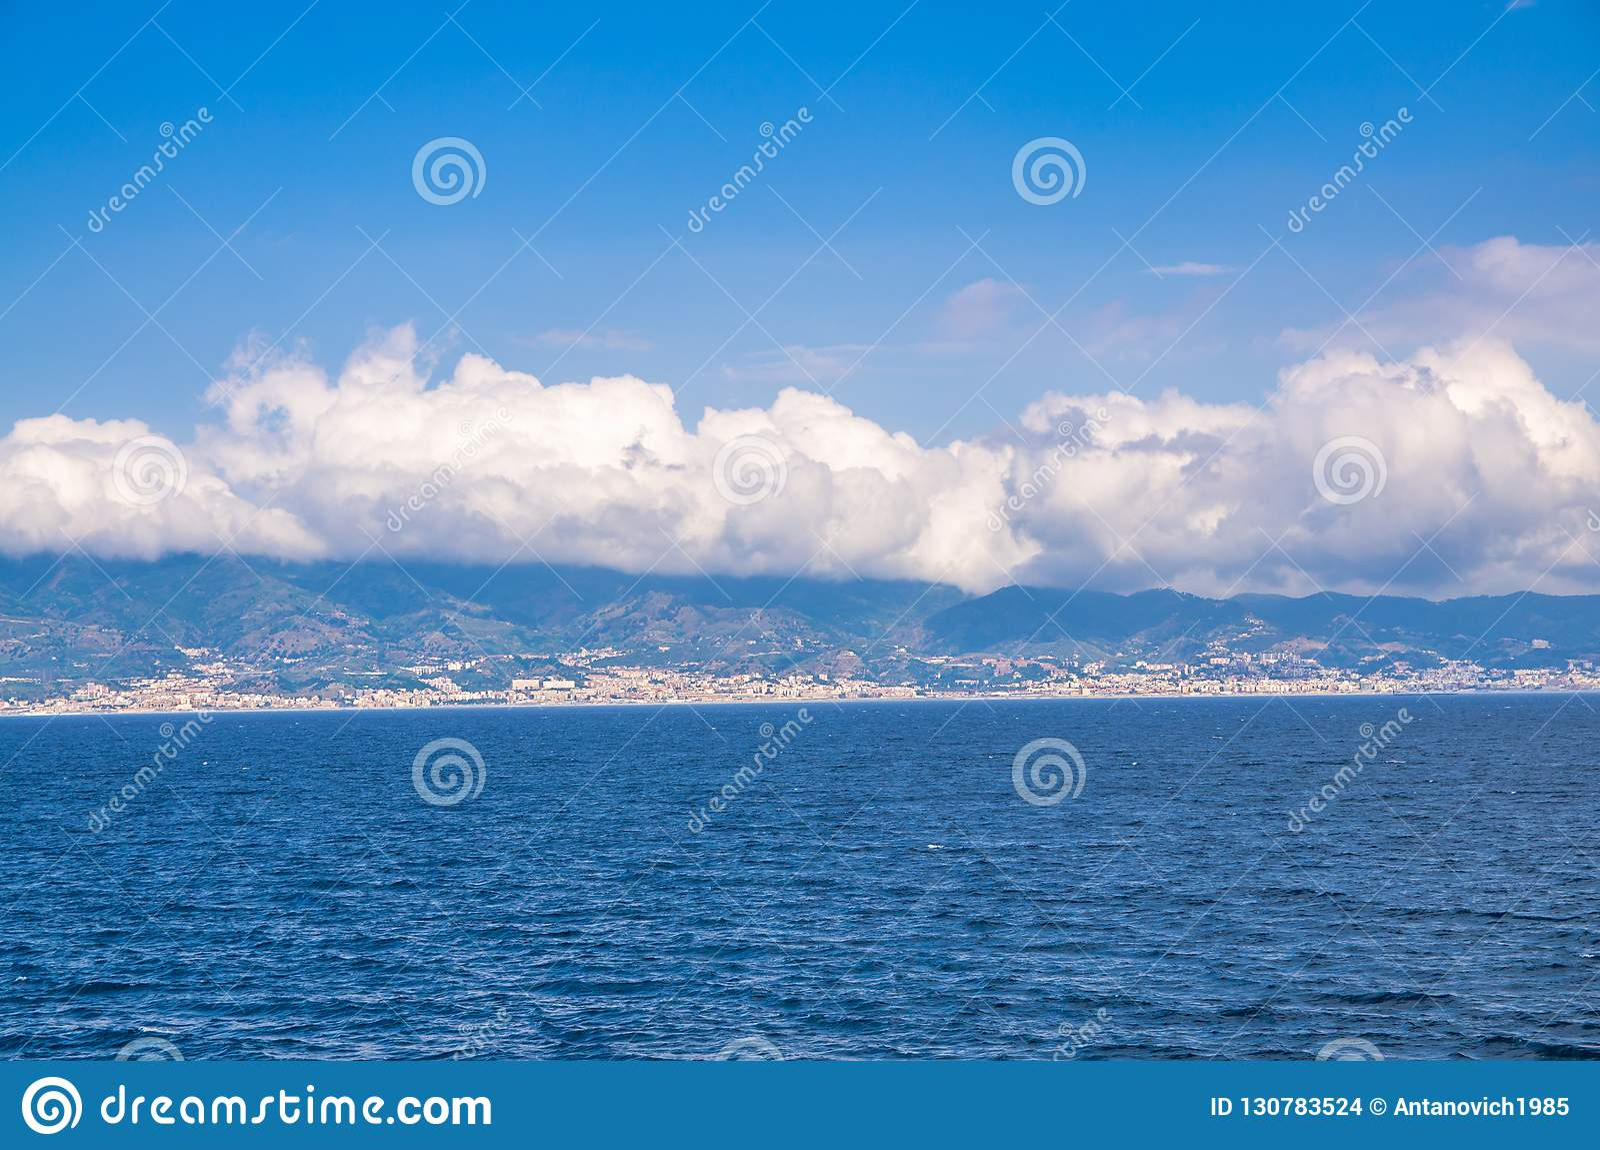 Passo de Messina, Reggio Di Calabria, Itália do sul